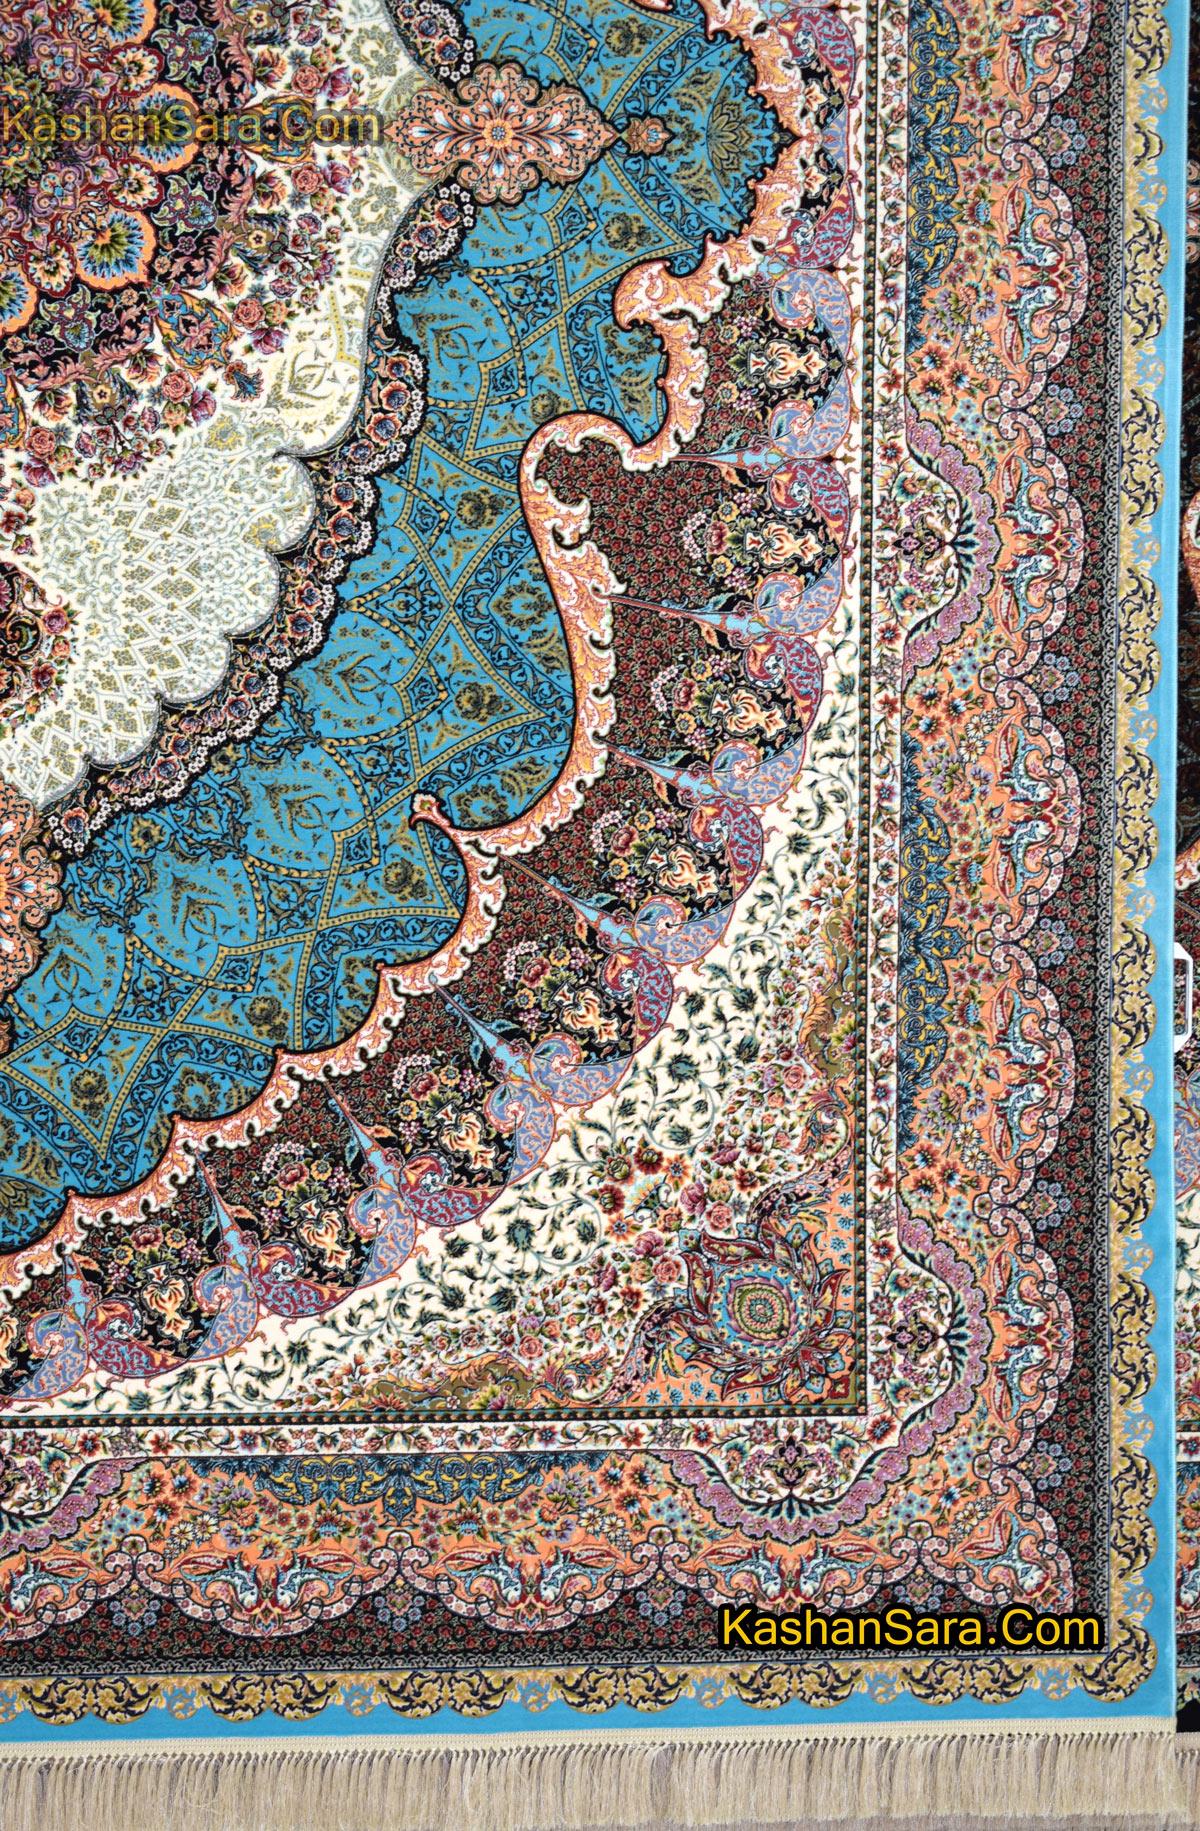 farsh-asatir-1200 shaneh-tarakom 3600-abi-